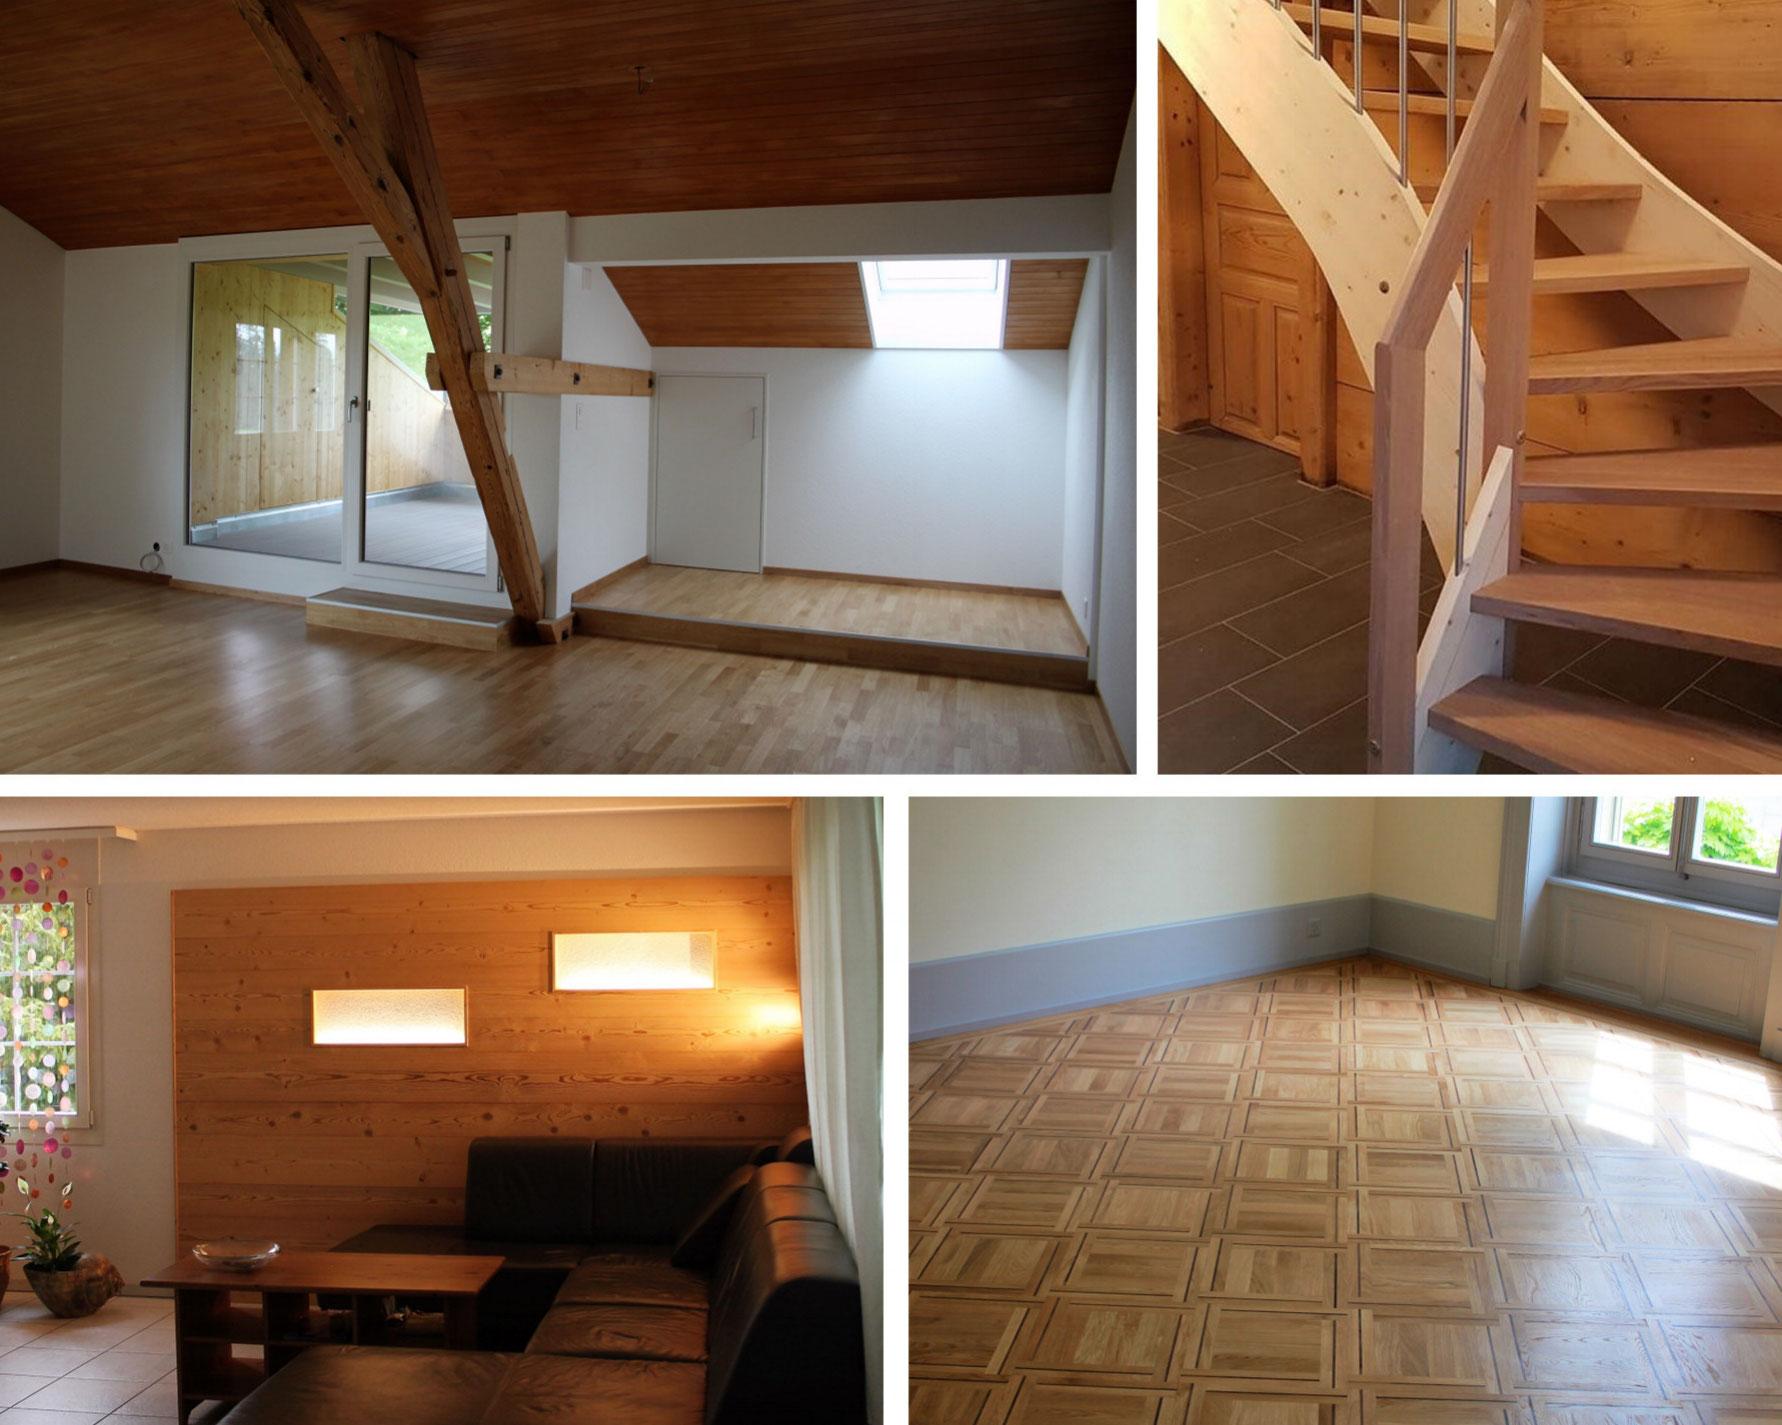 willkommen bei holz schneider webseite. Black Bedroom Furniture Sets. Home Design Ideas